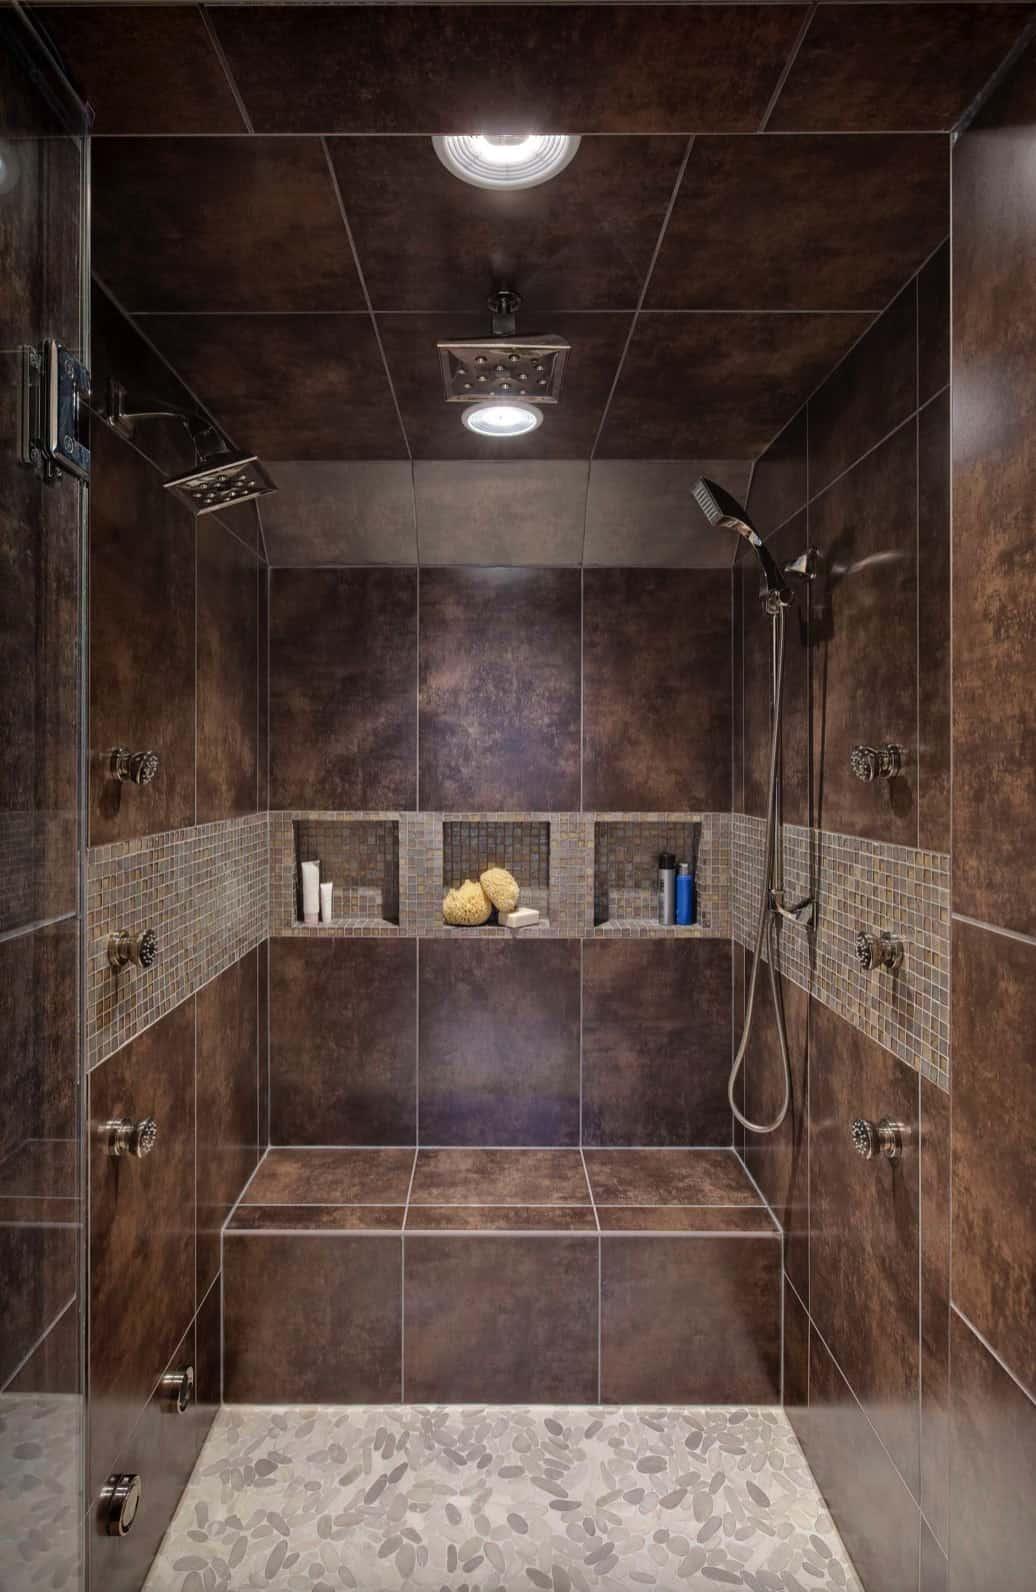 luxurious-steam-shower